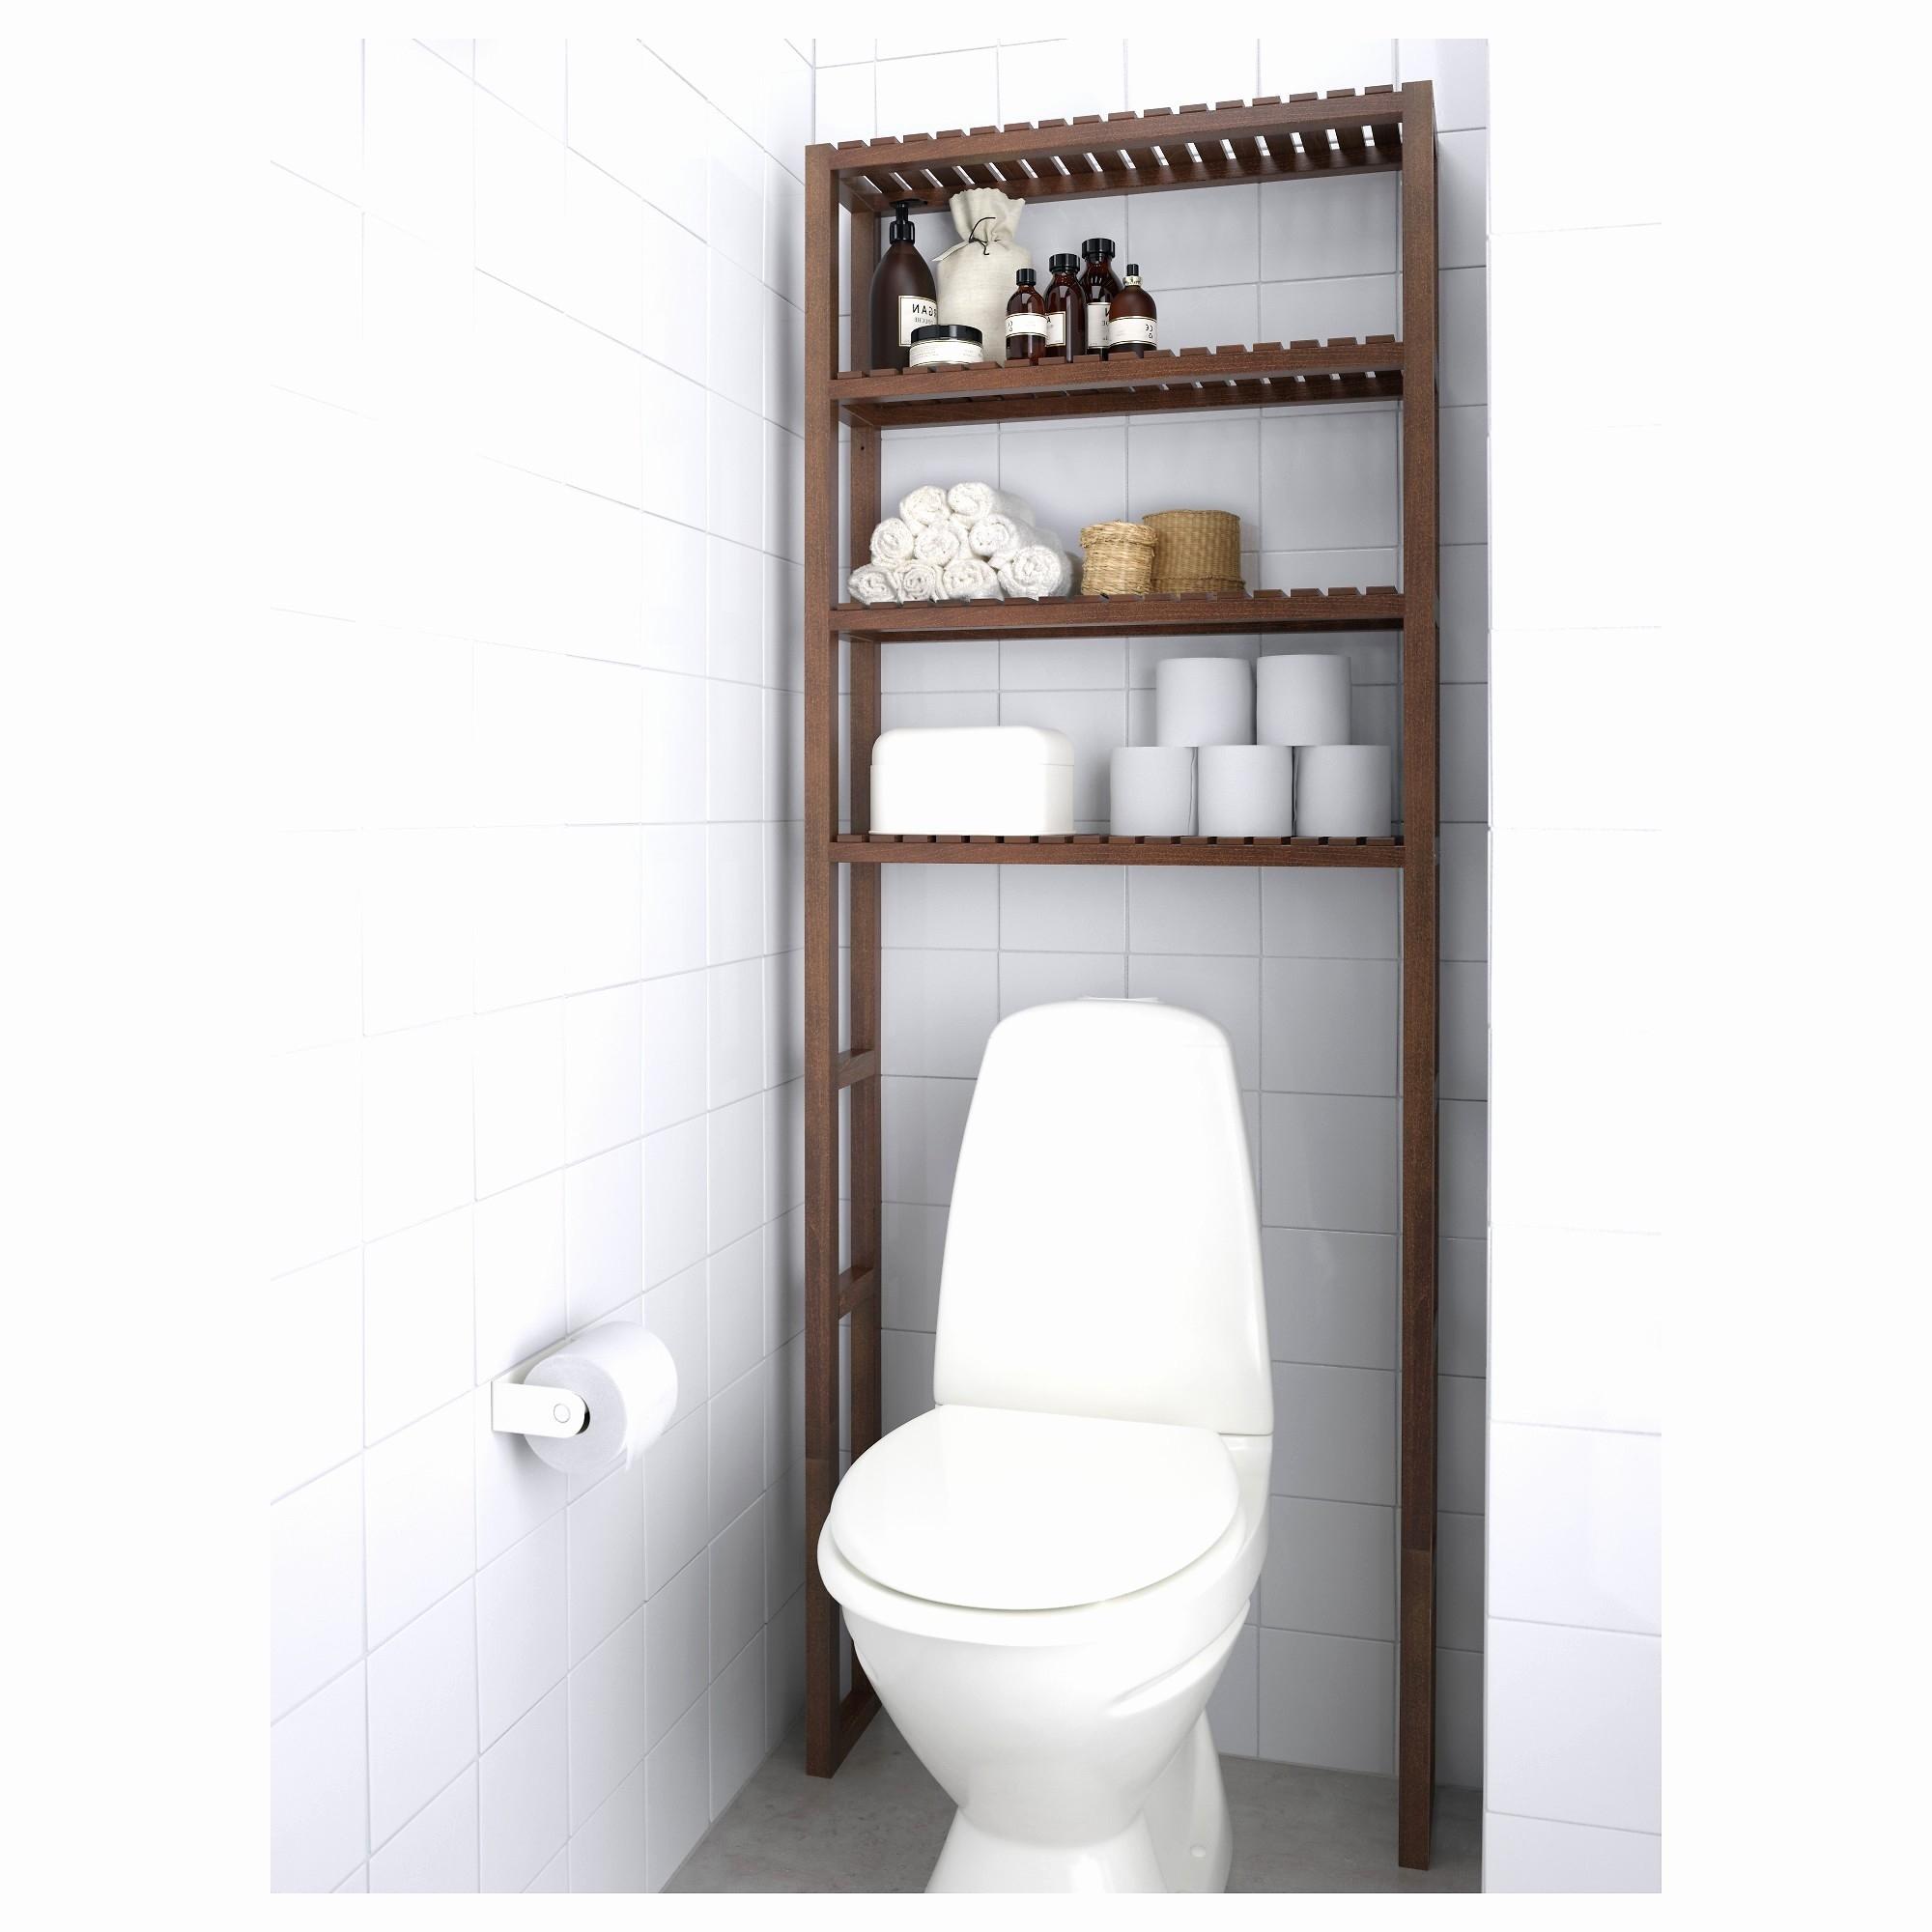 meuble wc castorama with suspendu of